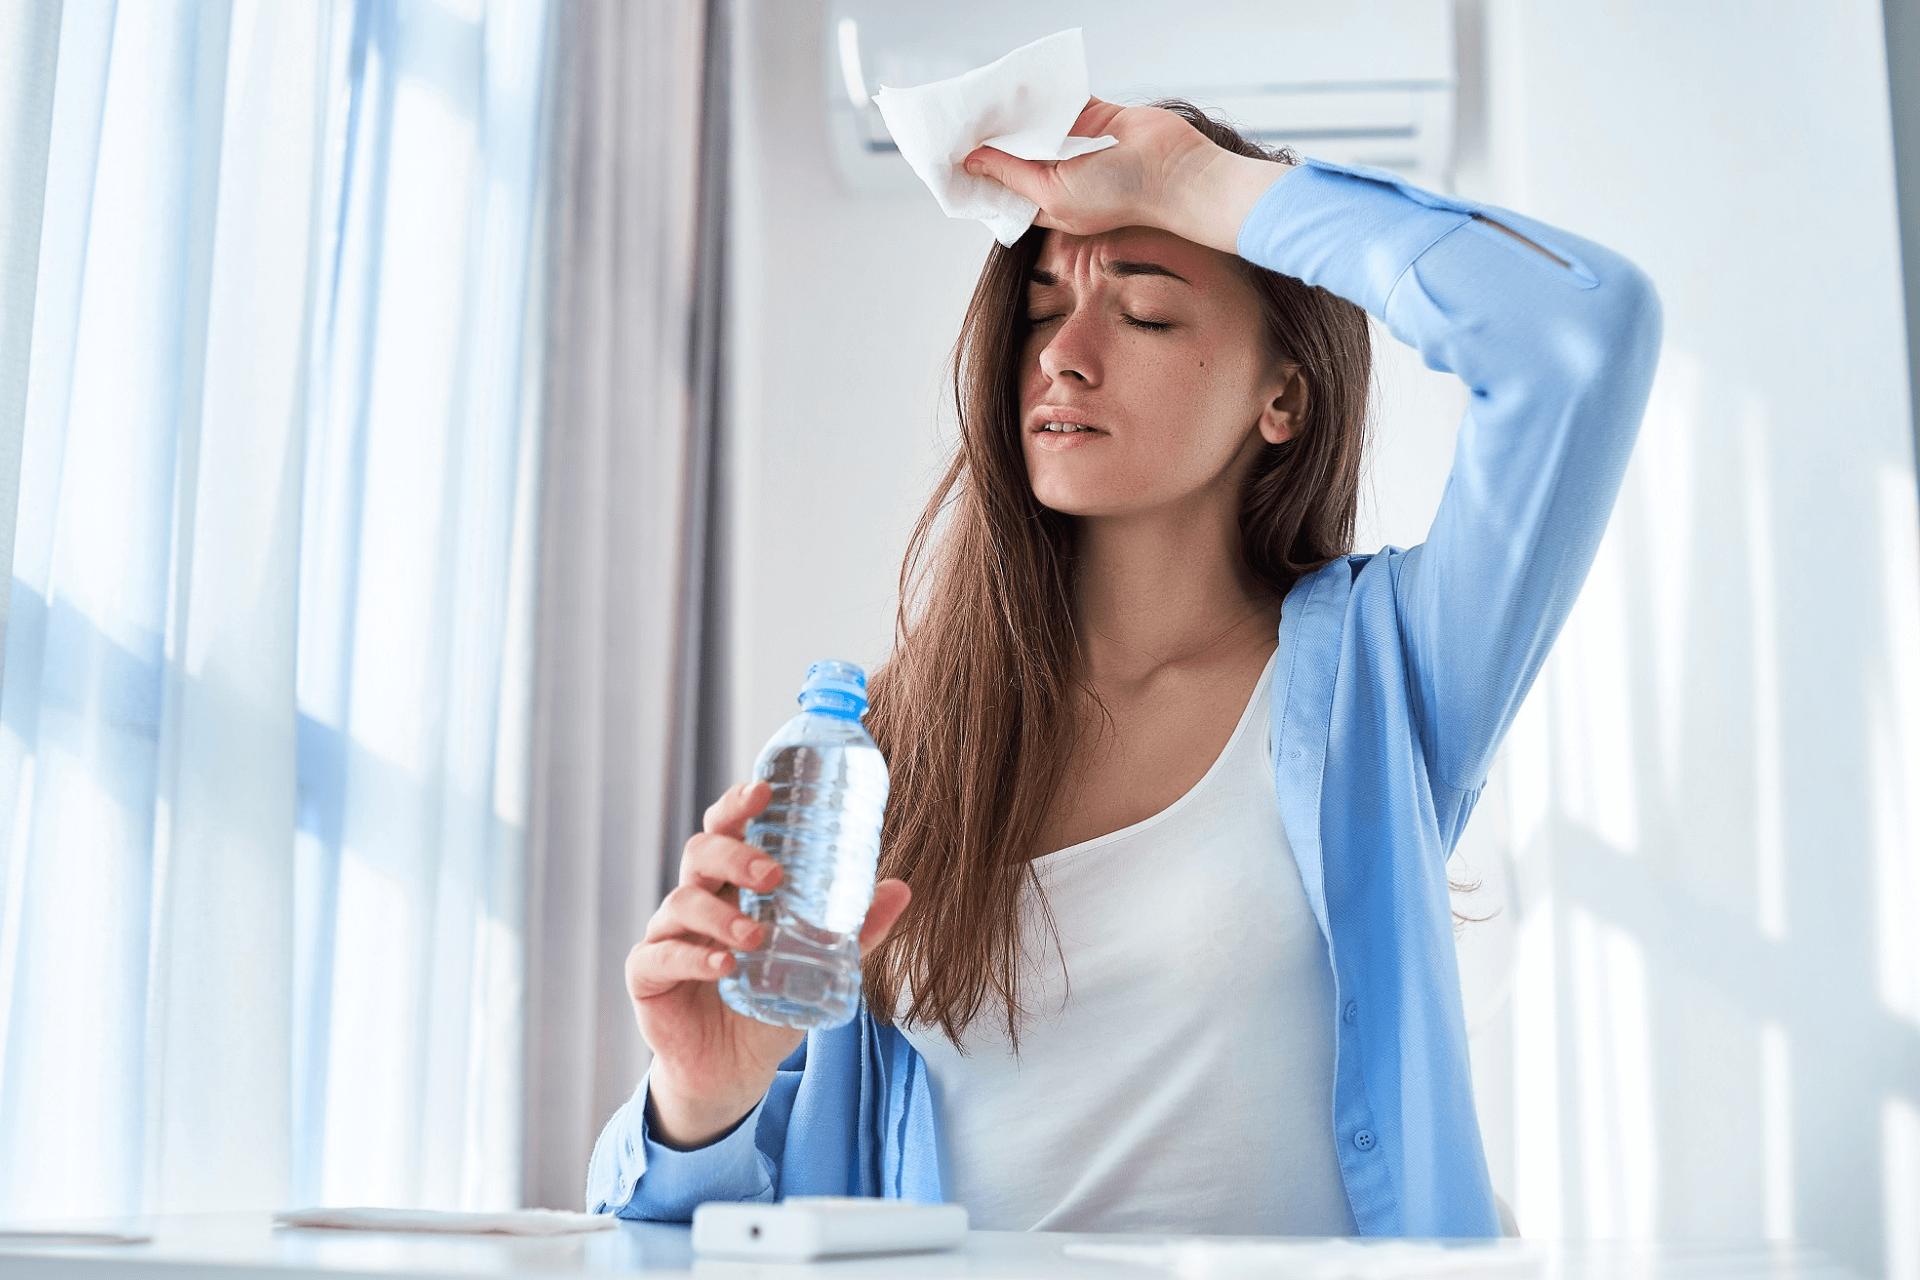 Como o verão afeta nossa saúde? Veja 5 dicas para aumentar a imunidade